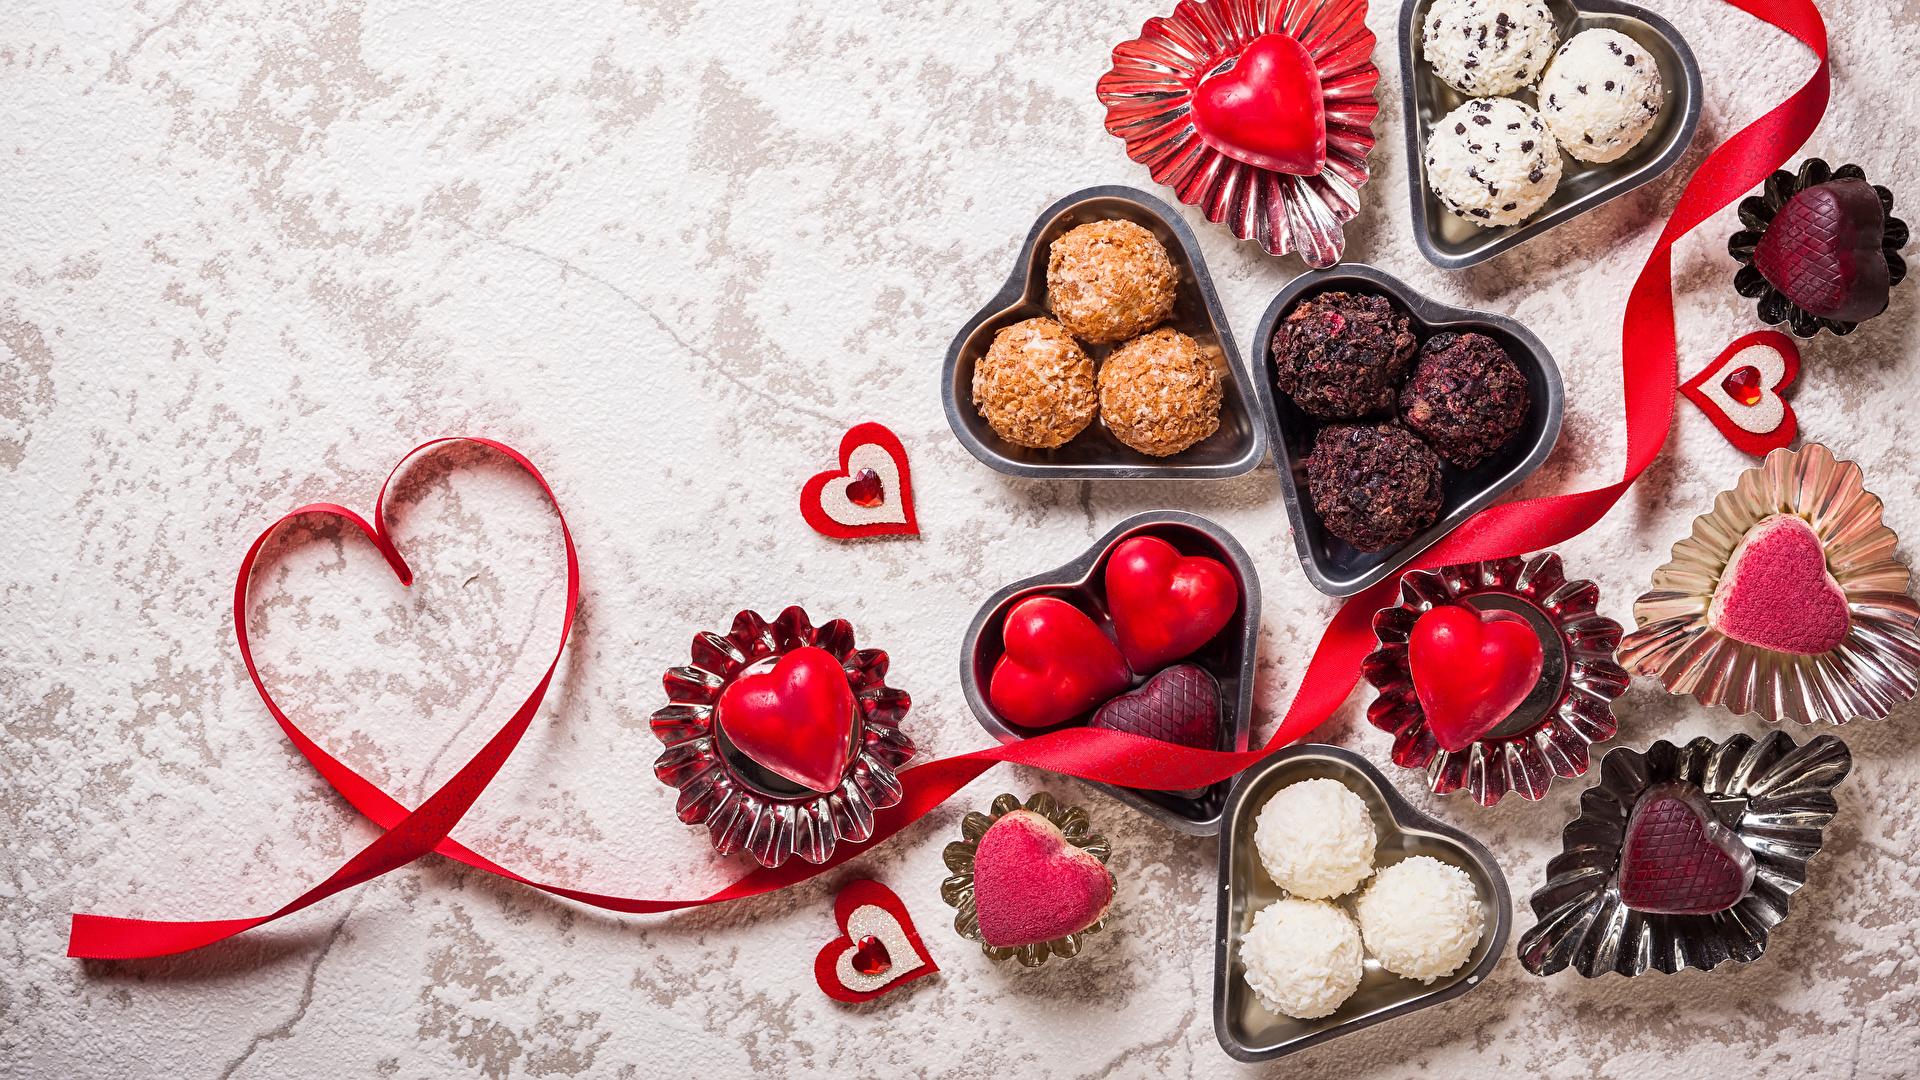 1920x1080、バレンタインデー、菓子、キャンディ、ハート、リボン、食べ物、食品、